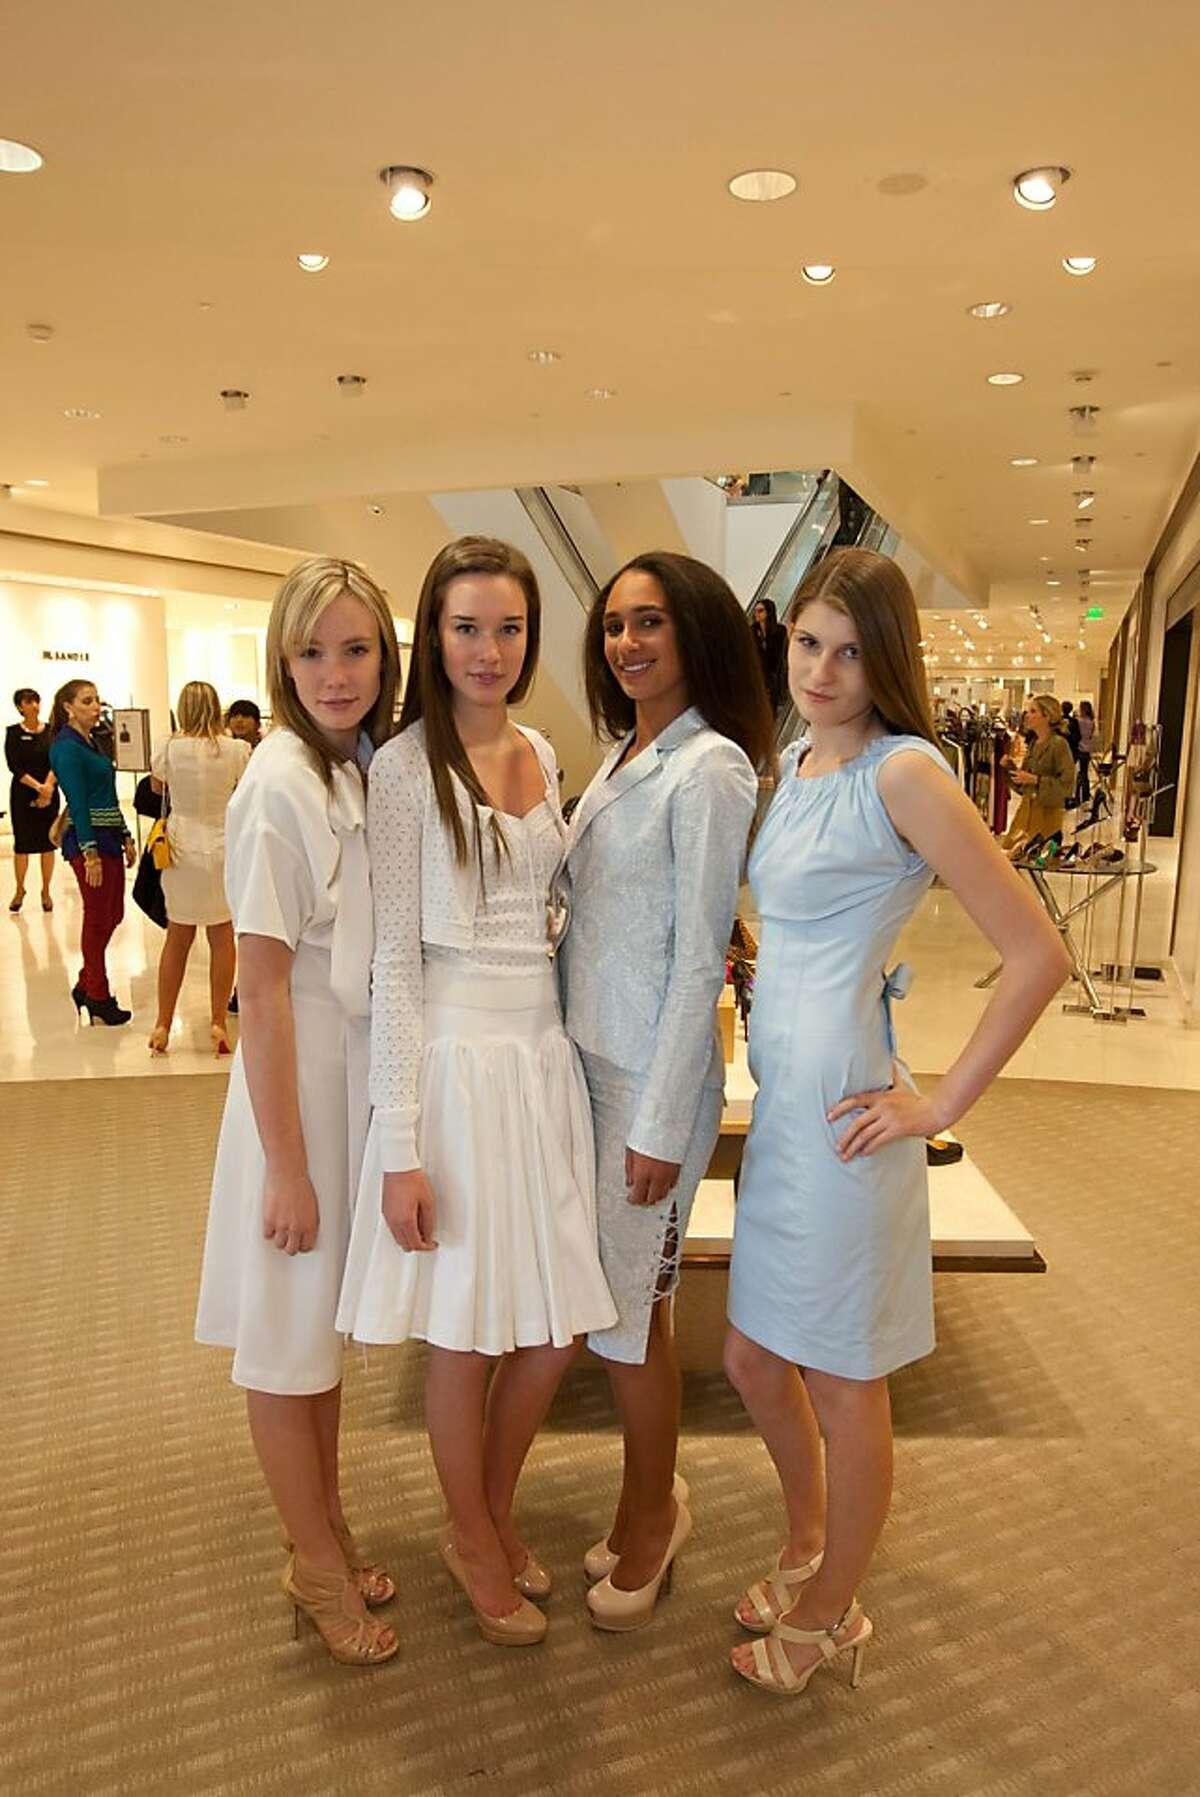 Images from Altuzarra event at Neiman Marcus. Models wearing Joseph Altuzarra